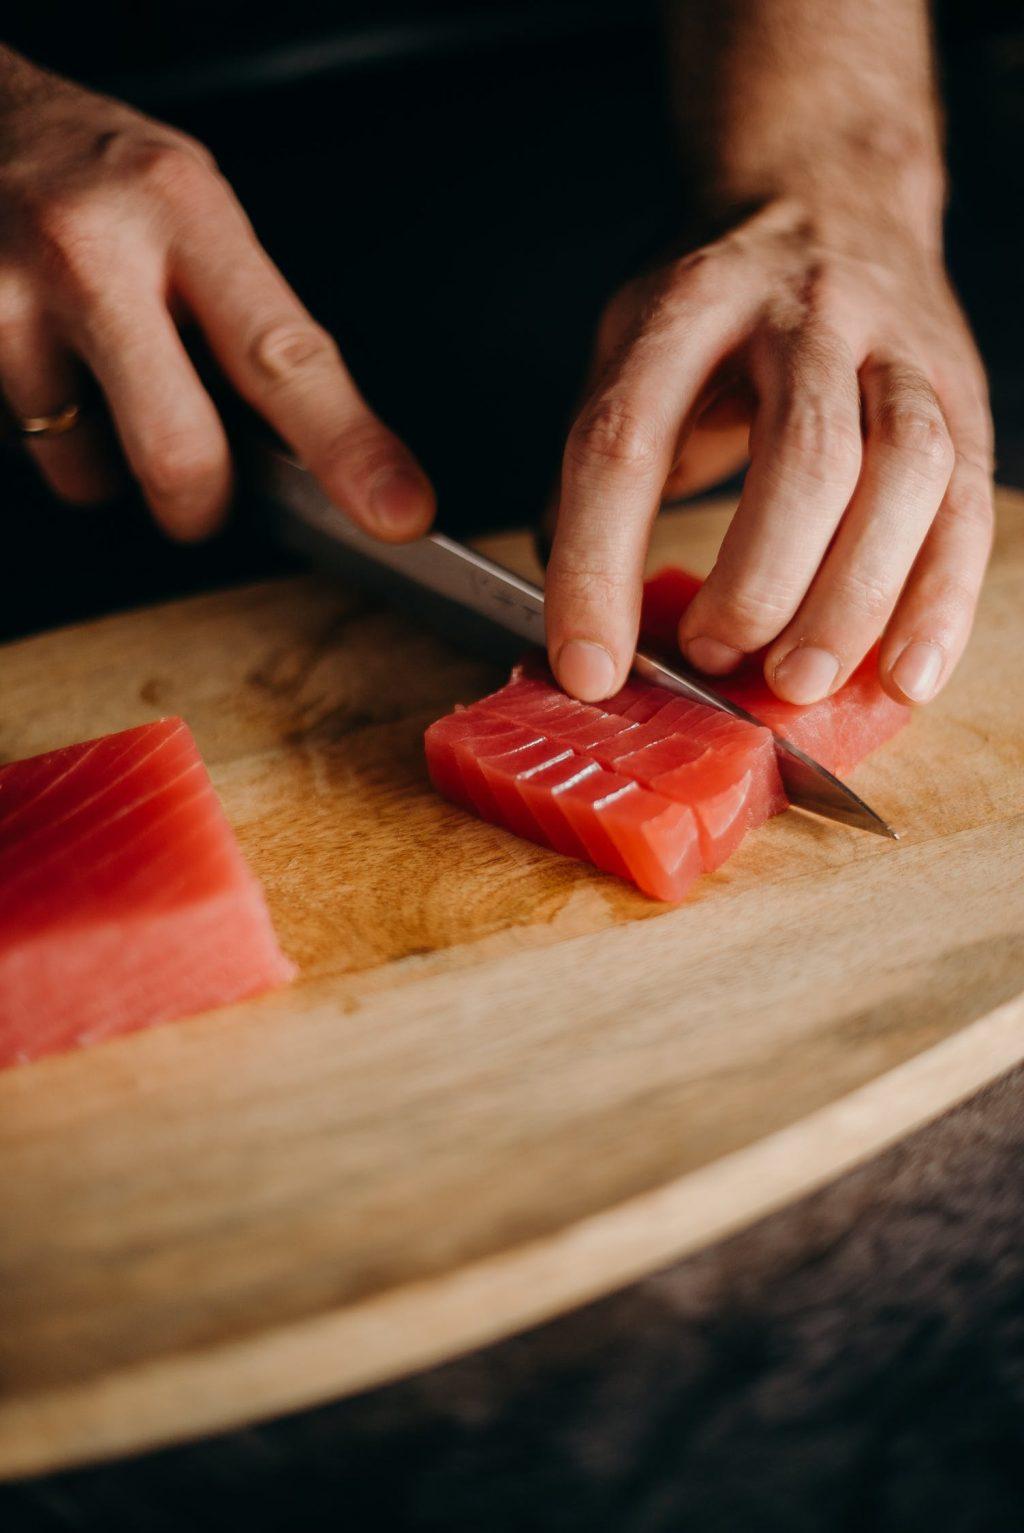 mức tiêu thụ cá ngừ an toàn cho một ngày